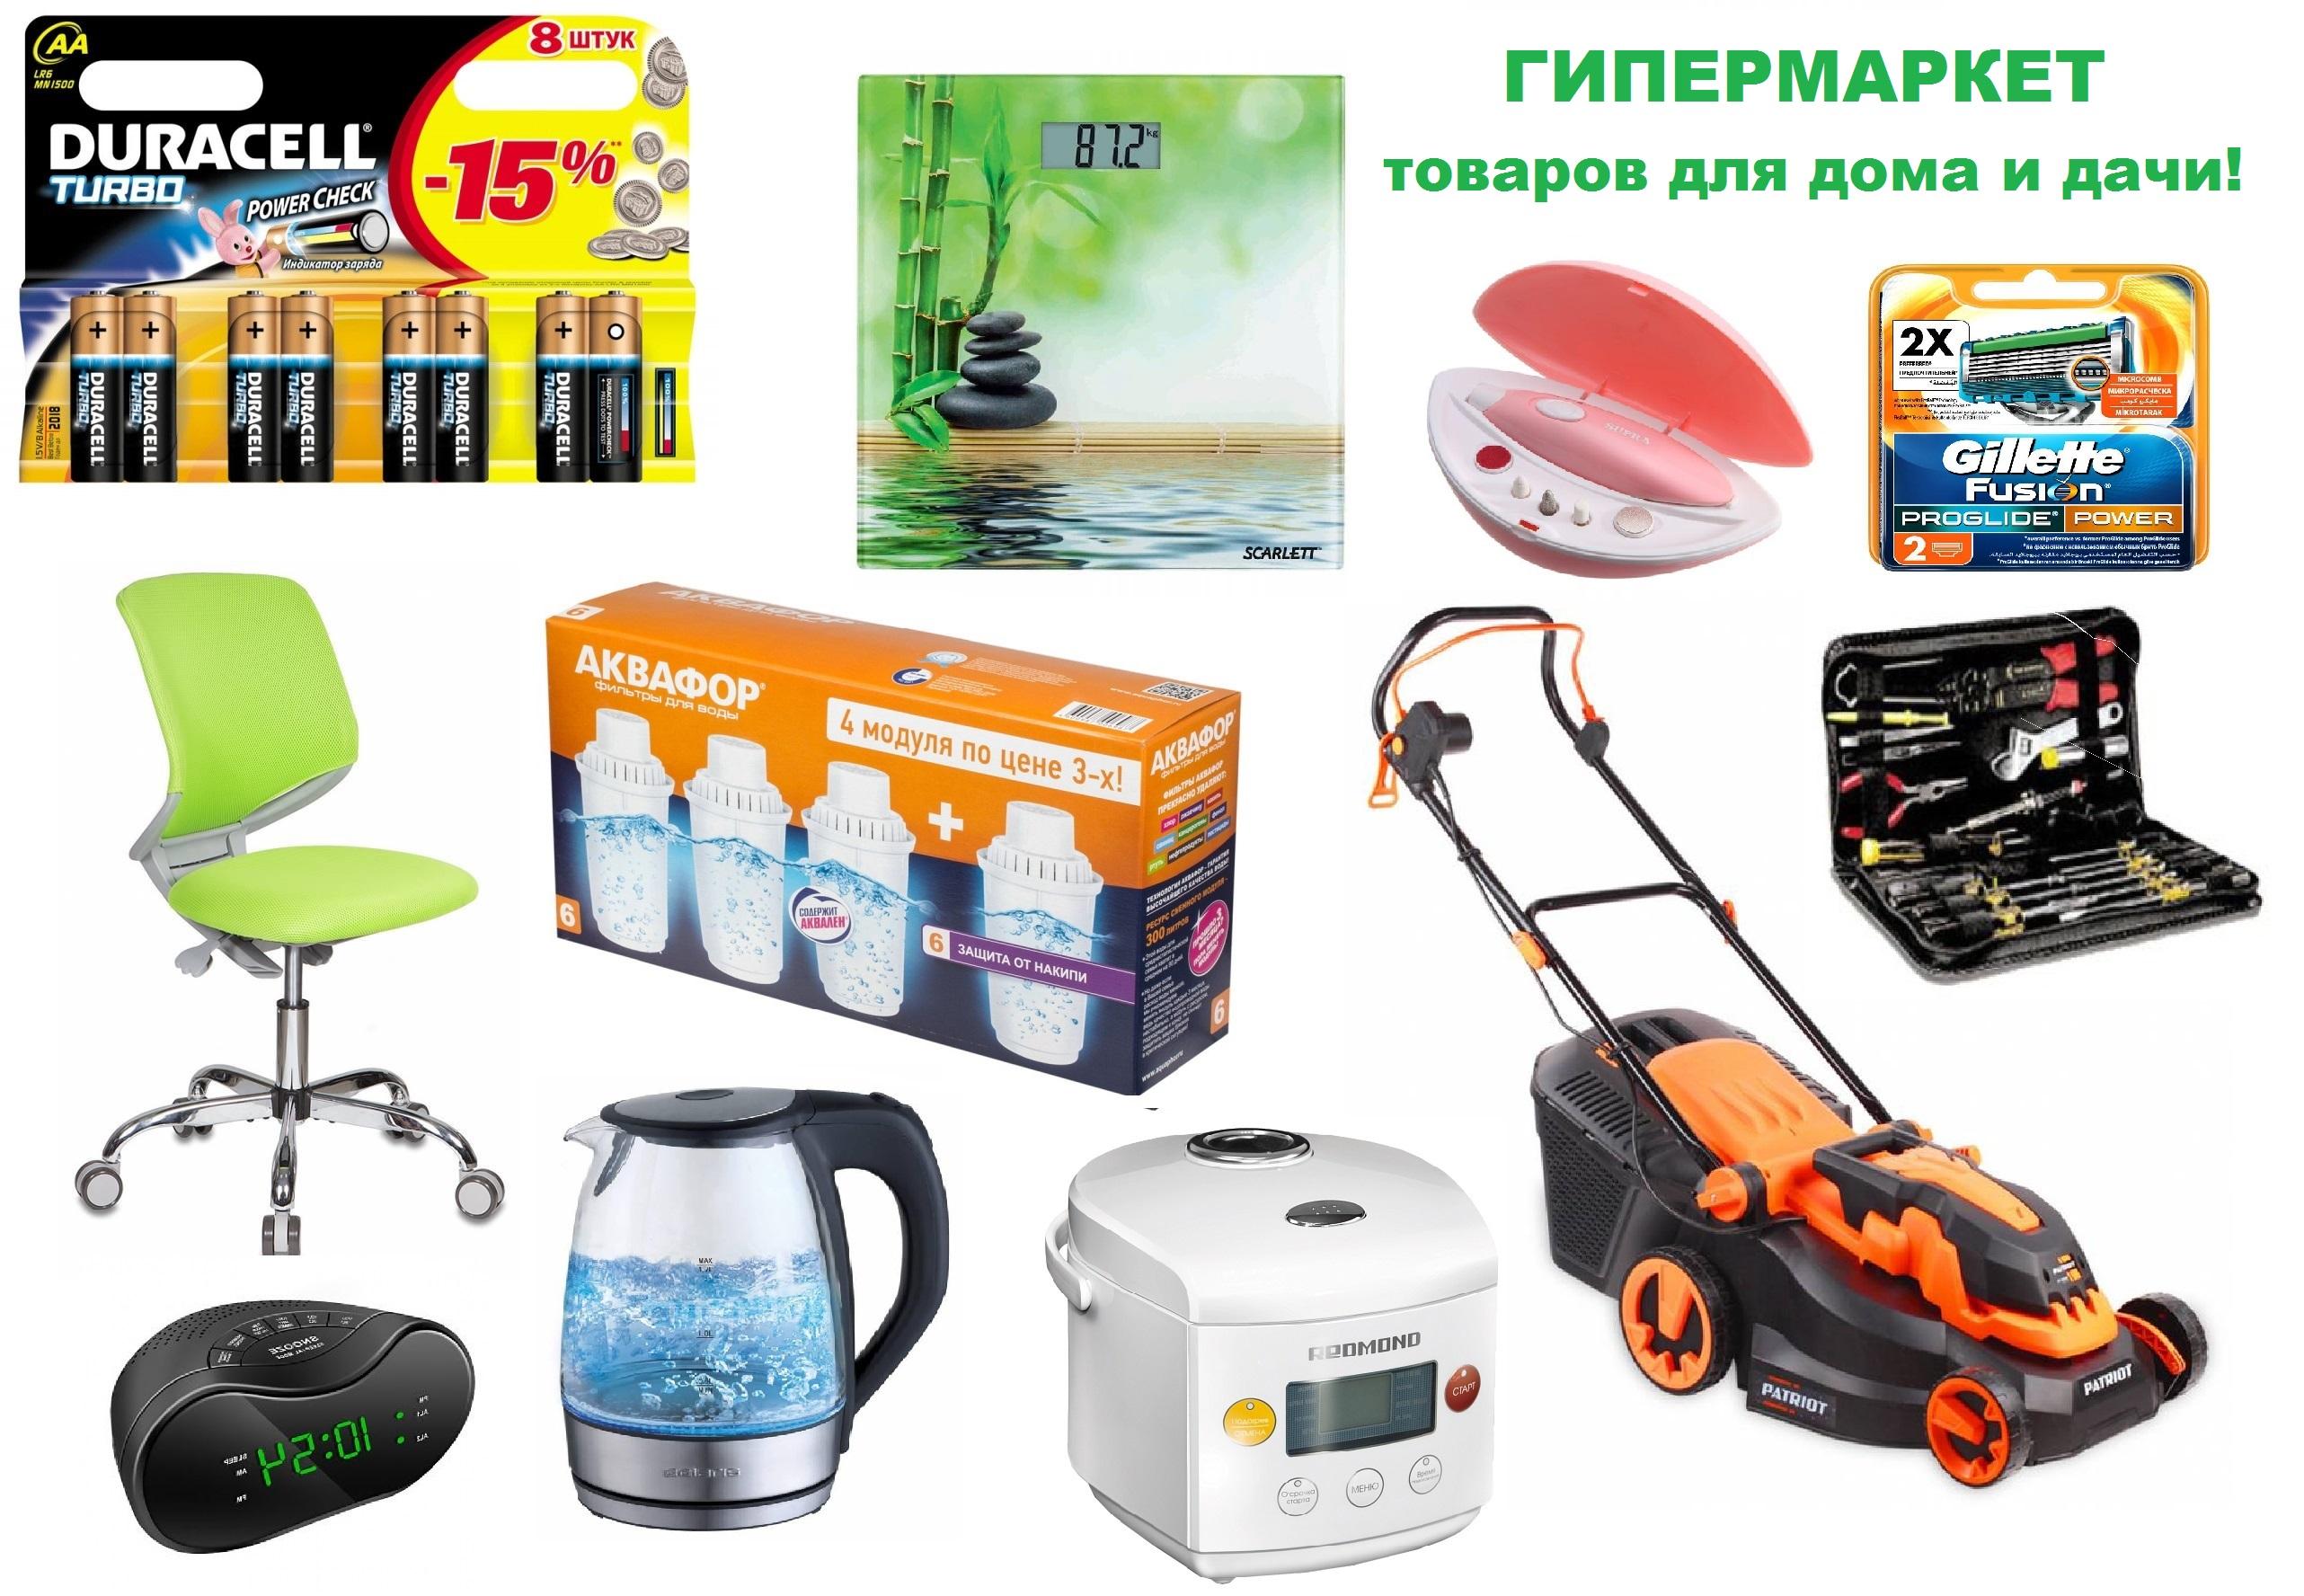 Сбор заказов. Гипермаркет товаров для дома: фильтры для воды (Аквафор), батарейки, аккумуляторы, мебель, техника для